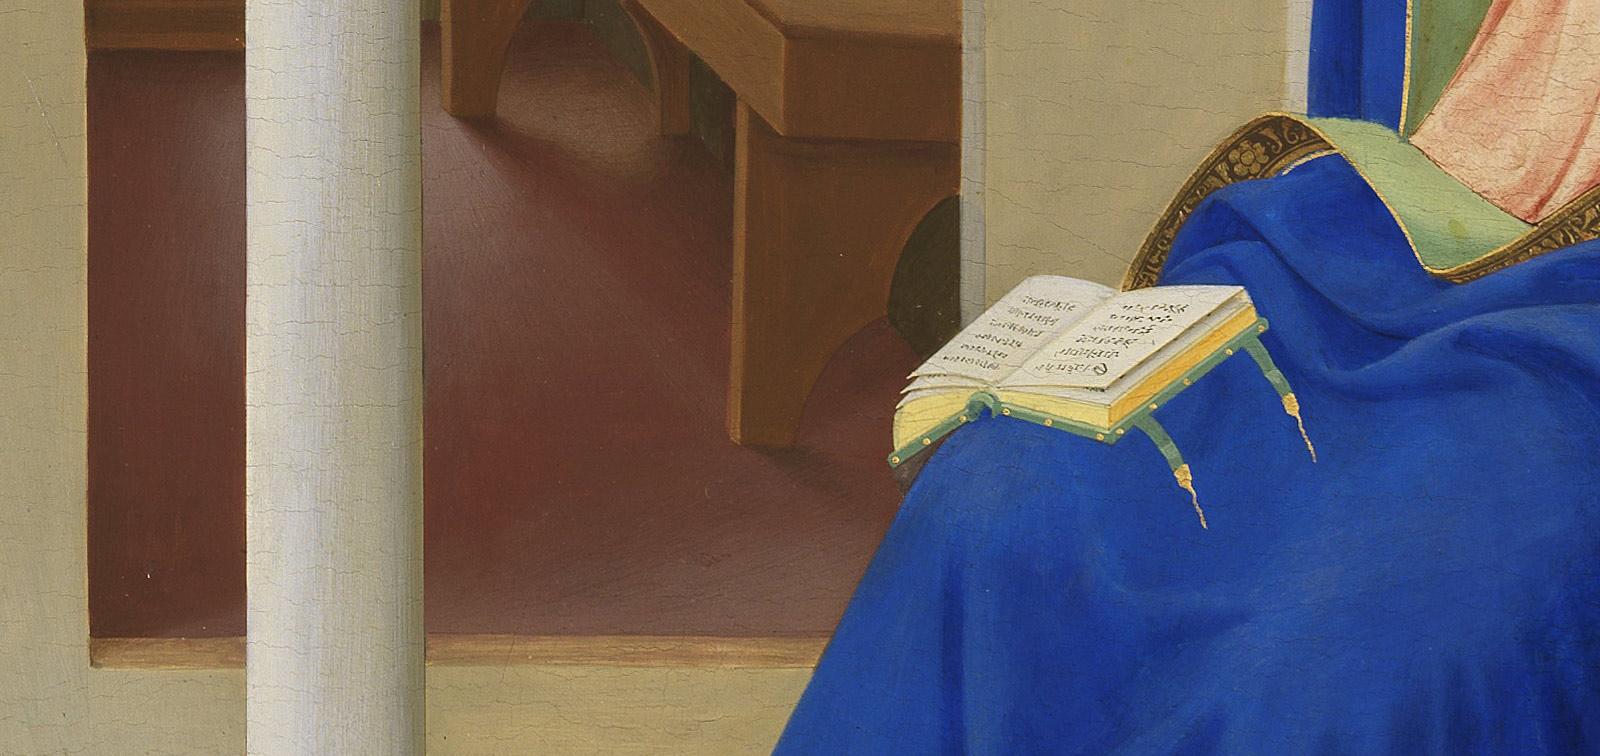 ¿Fue Fra Angelico un revolucionario? Escritores e historiadores del arte conversan sobre el fraile pintor